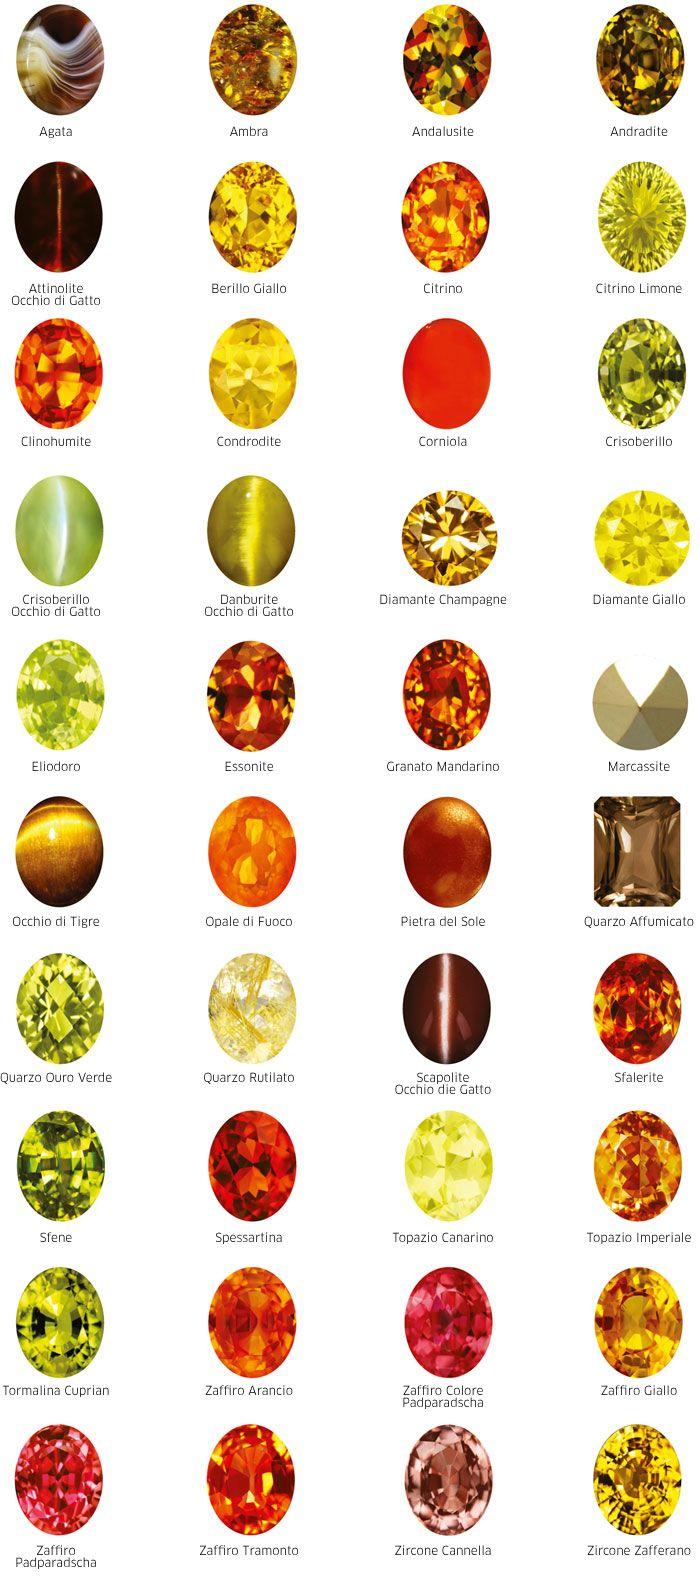 Le pietre preziose dal giallo al cioccolato